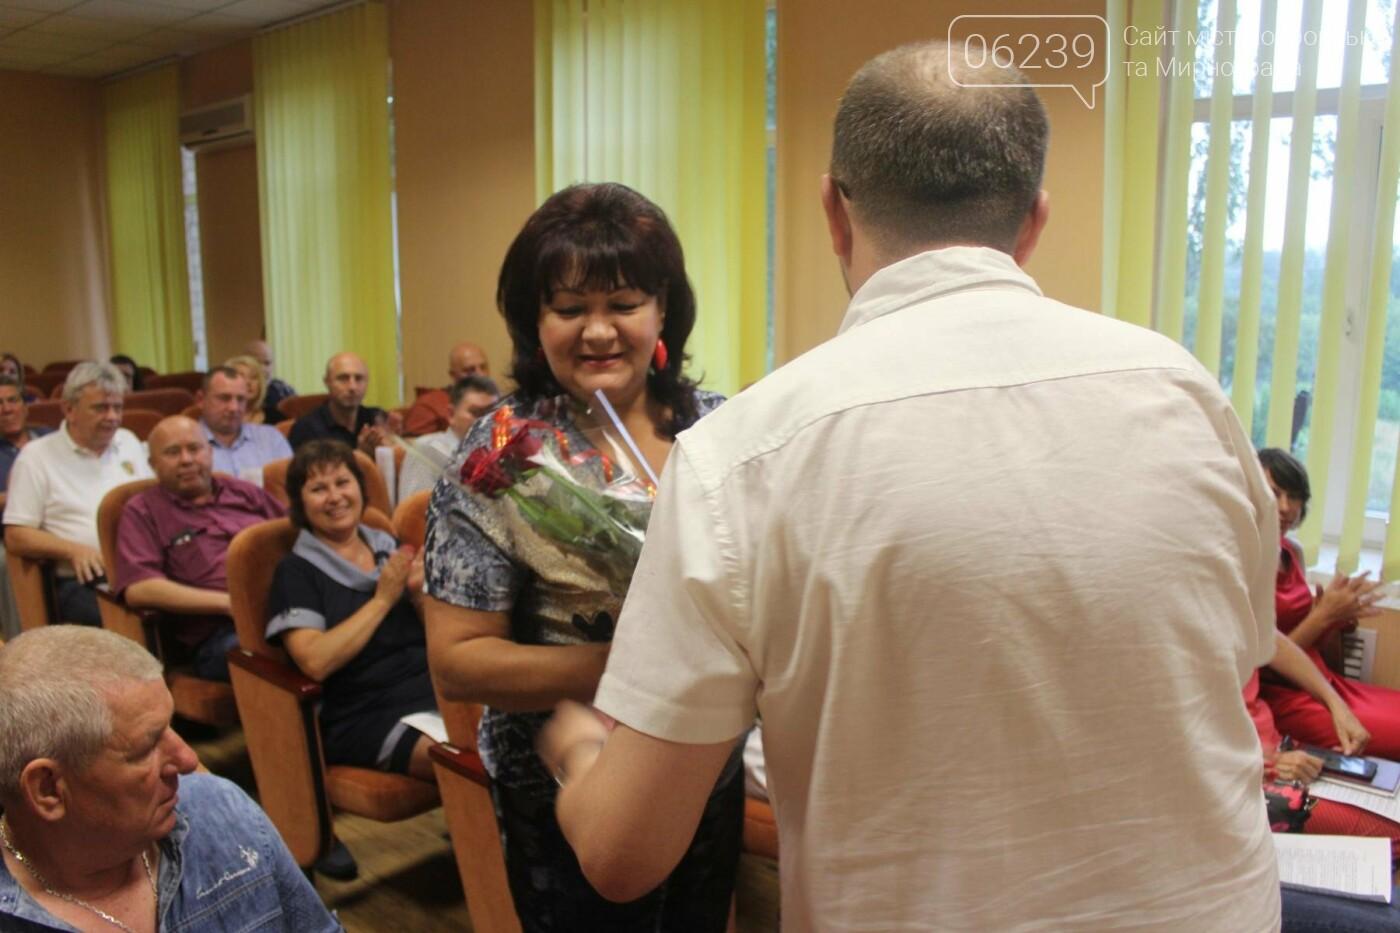 Изменения в бюджете и письмо министру: в Мирнограде состоялась 49-я сессия городского совета, фото-1